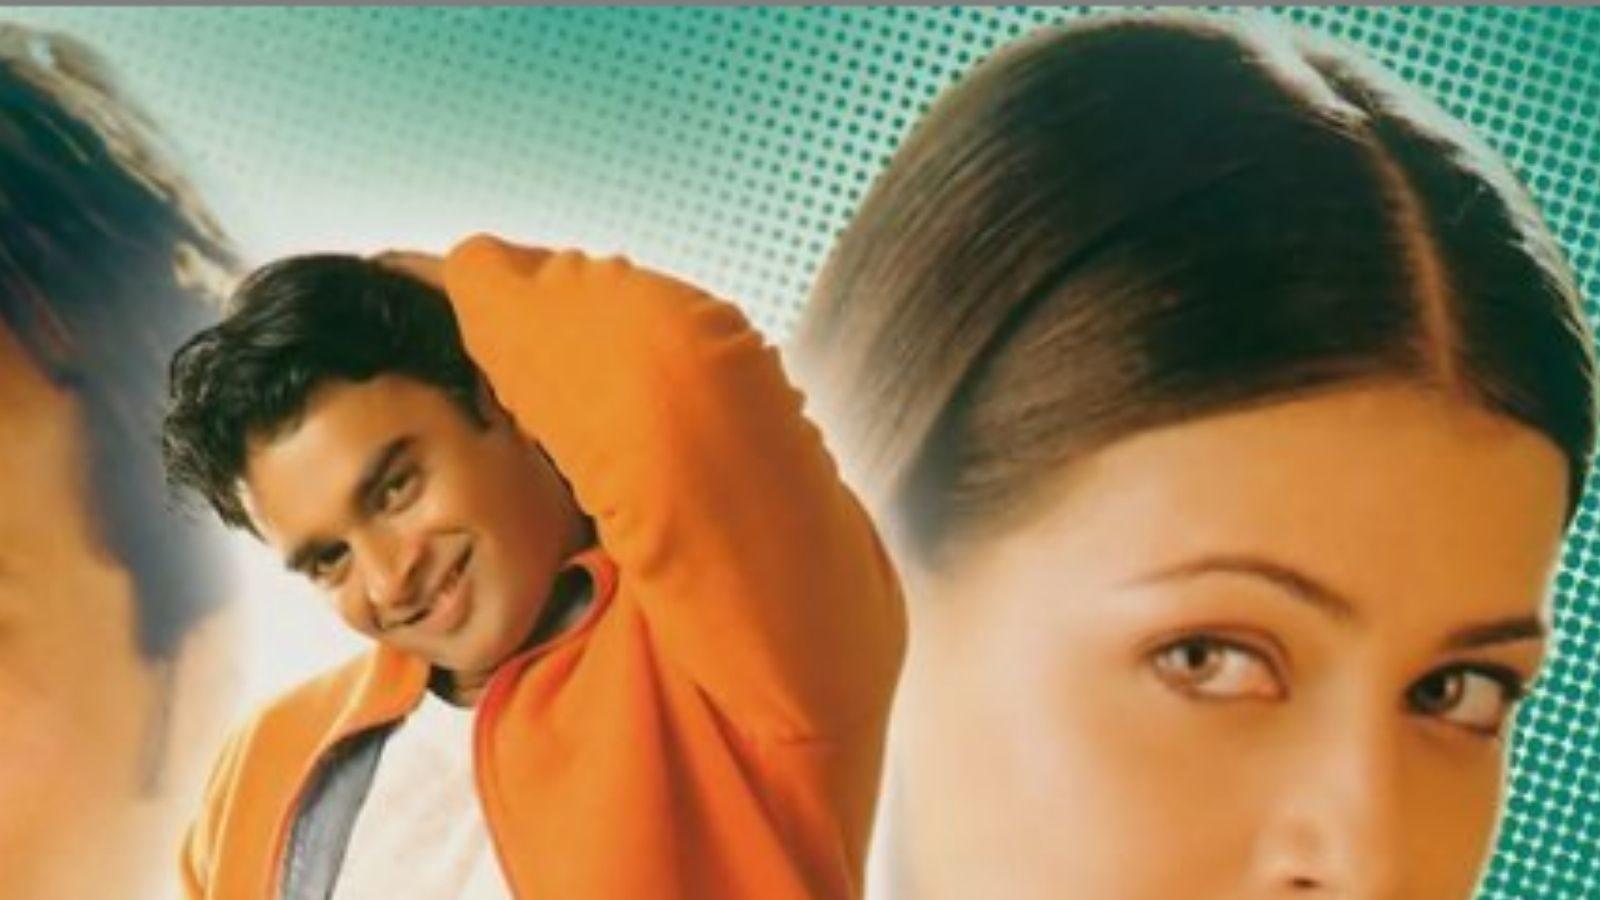 20 Years of 'Rehnaa Hai Terre Dil Mein': दीया मिर्जा ने पहली फिल्म से मचा दिया था तहलका